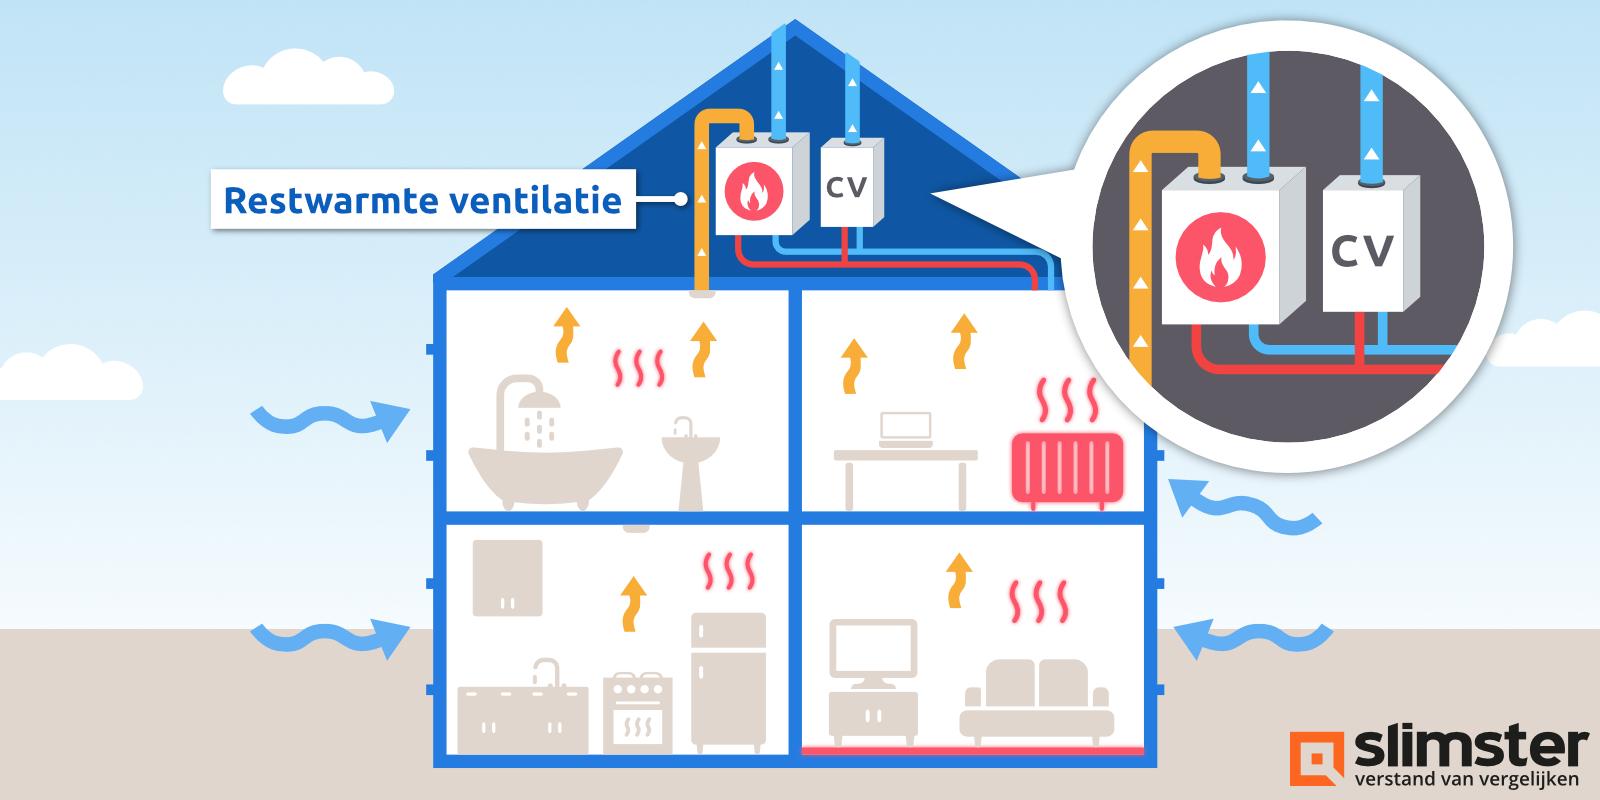 cv ketel met ventilatiewarmtepomp